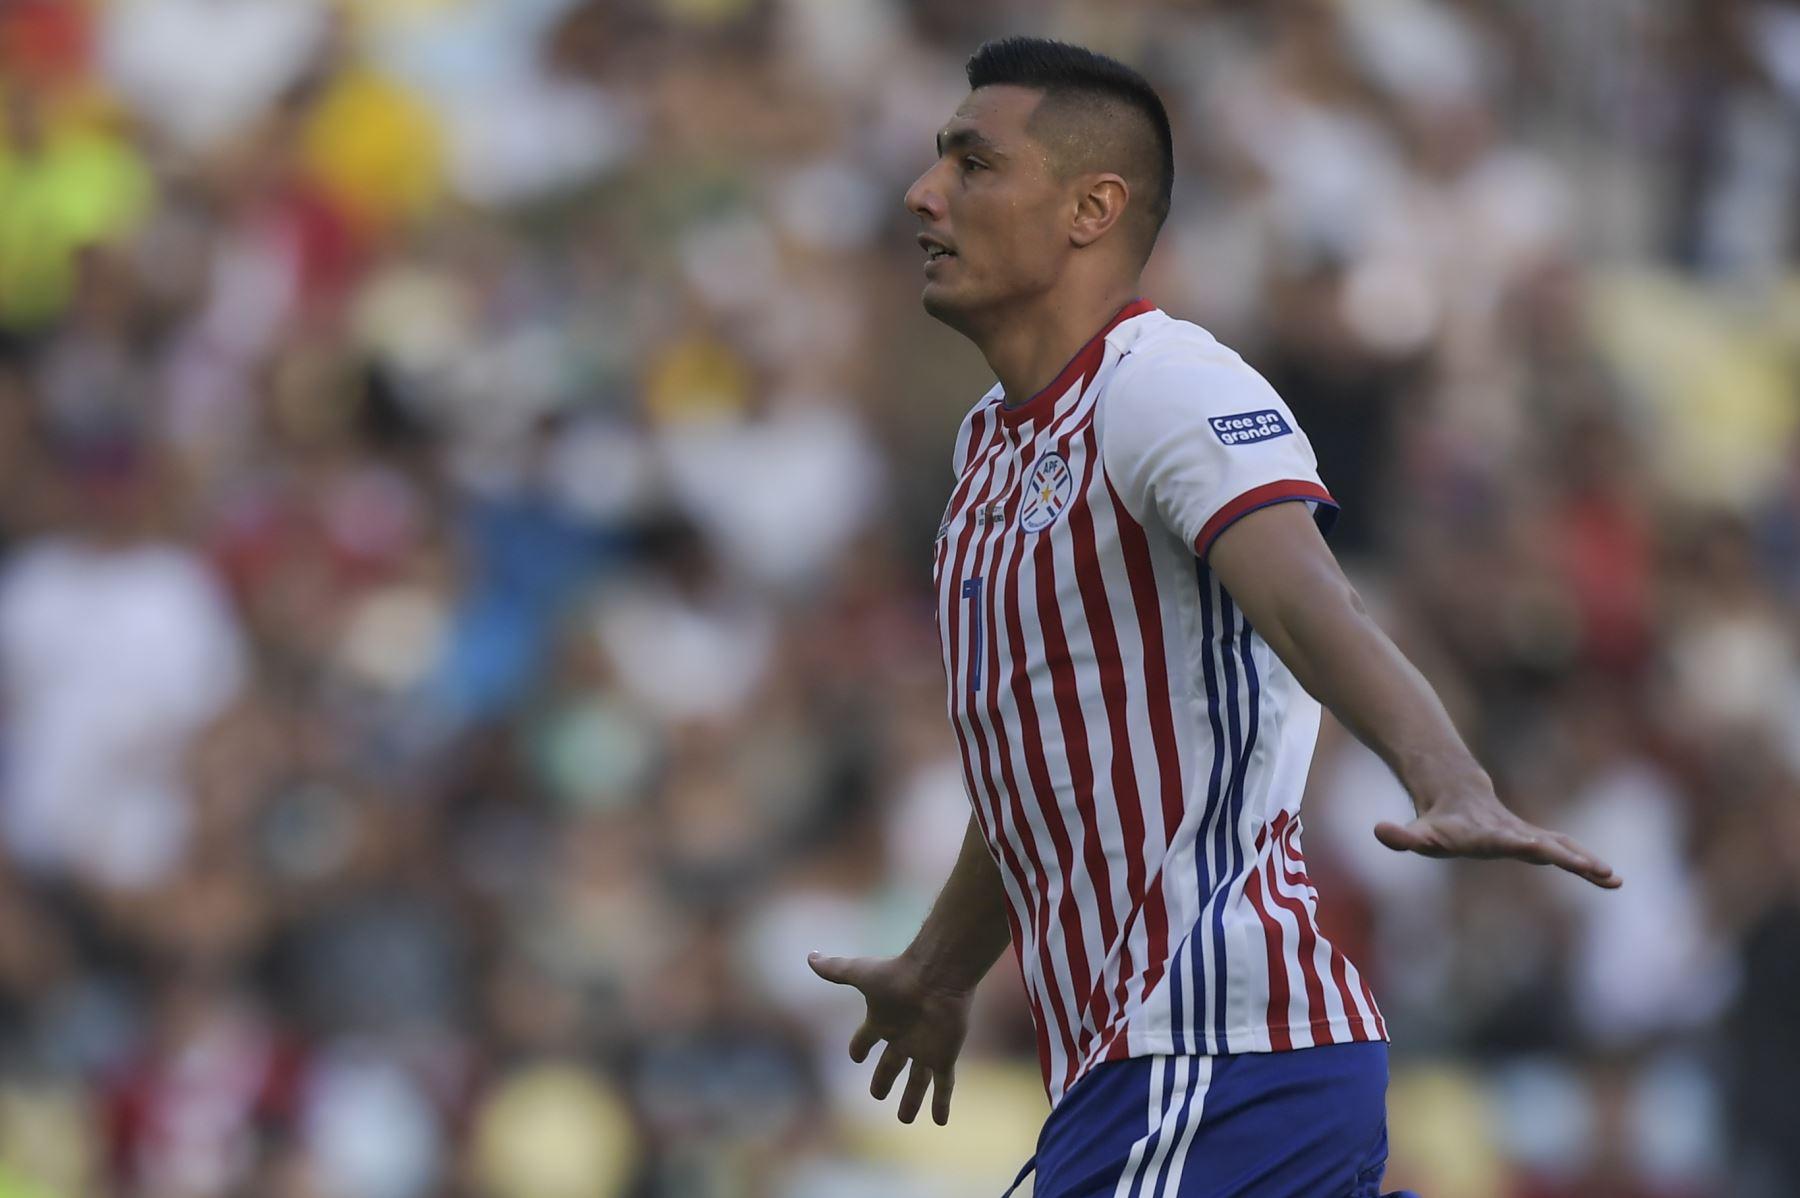 Oscar Cardozo de Paraguay celebra después de anotar contra Qatar durante su partido de torneo de fútbol de Copa América en el estadio Maracana en Río de Janeiro, Brasil. Foto.AFP